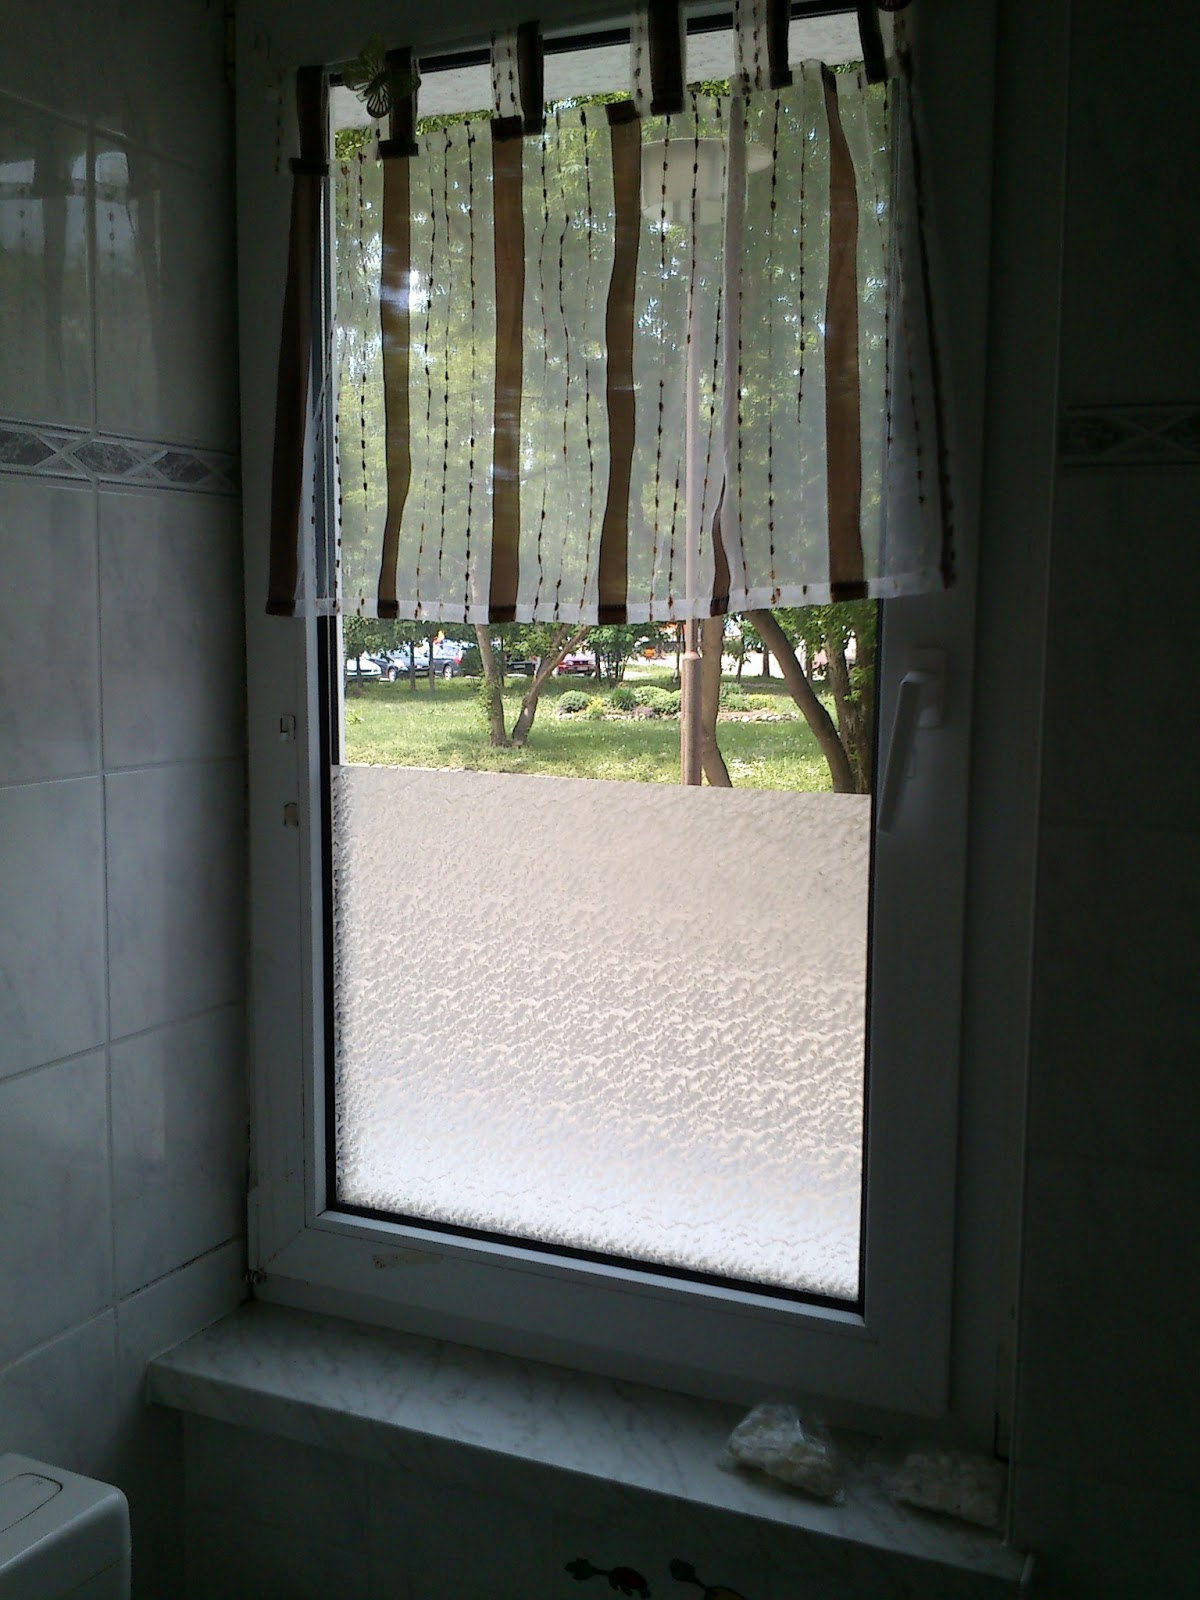 Aerosolwerk Fensterfolie